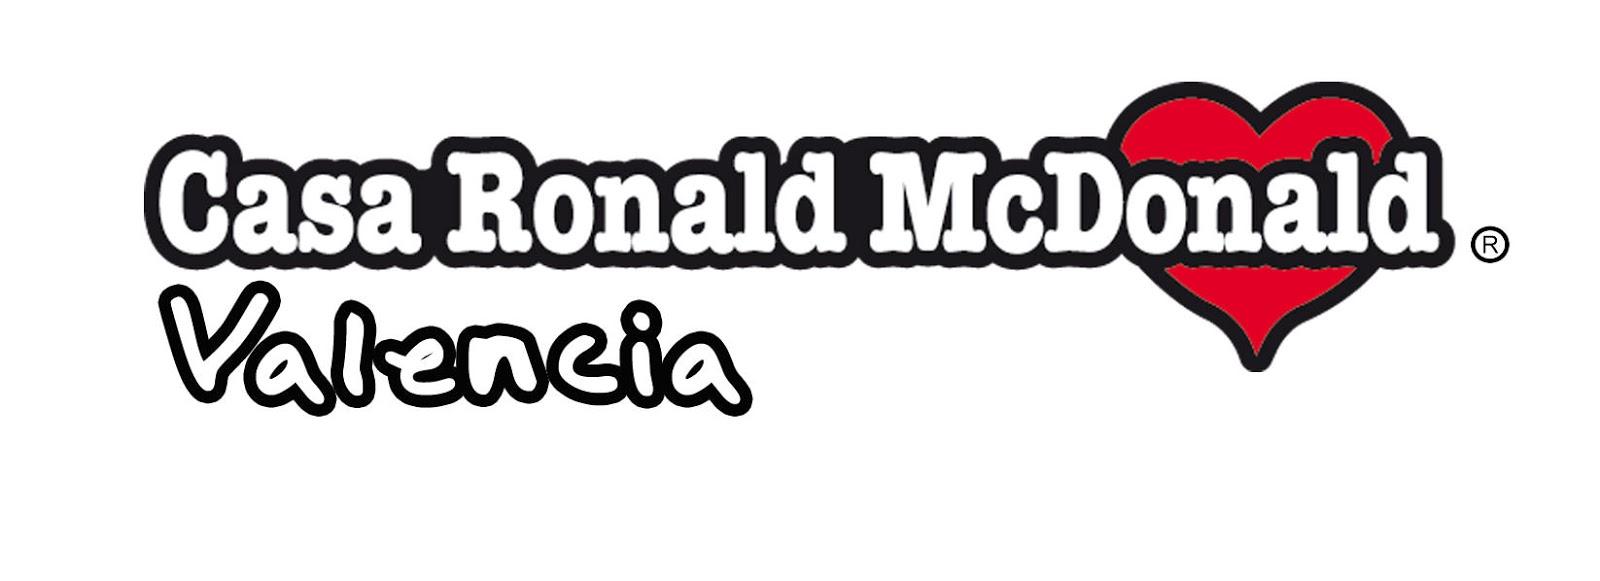 Quirumed visita la casa ronald mcdonald y dona varias tronas de beb s - Casa ronald mcdonald valencia ...